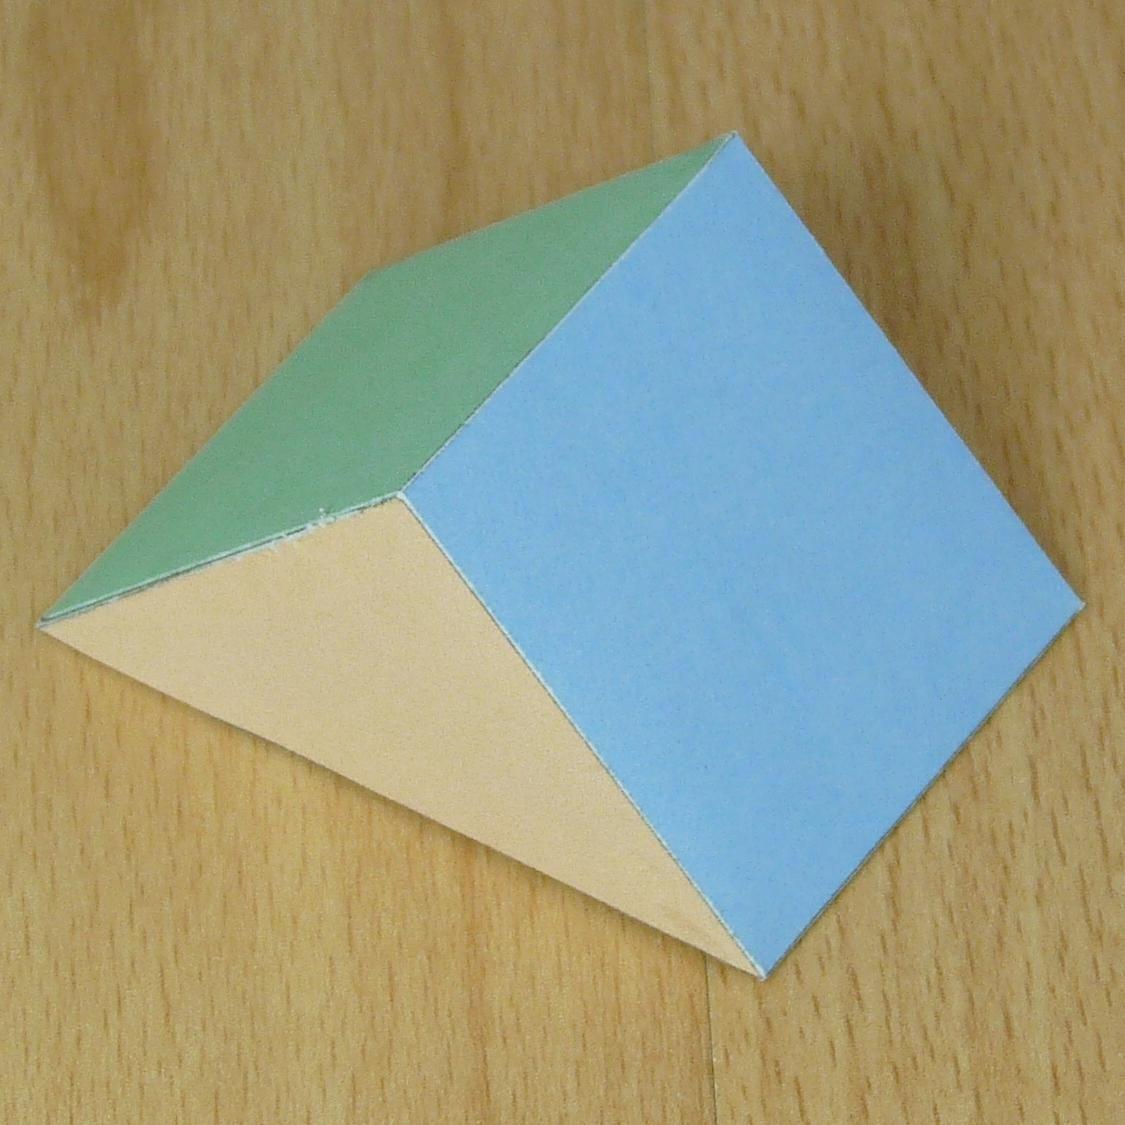 Triangular Prism Net Worksheet